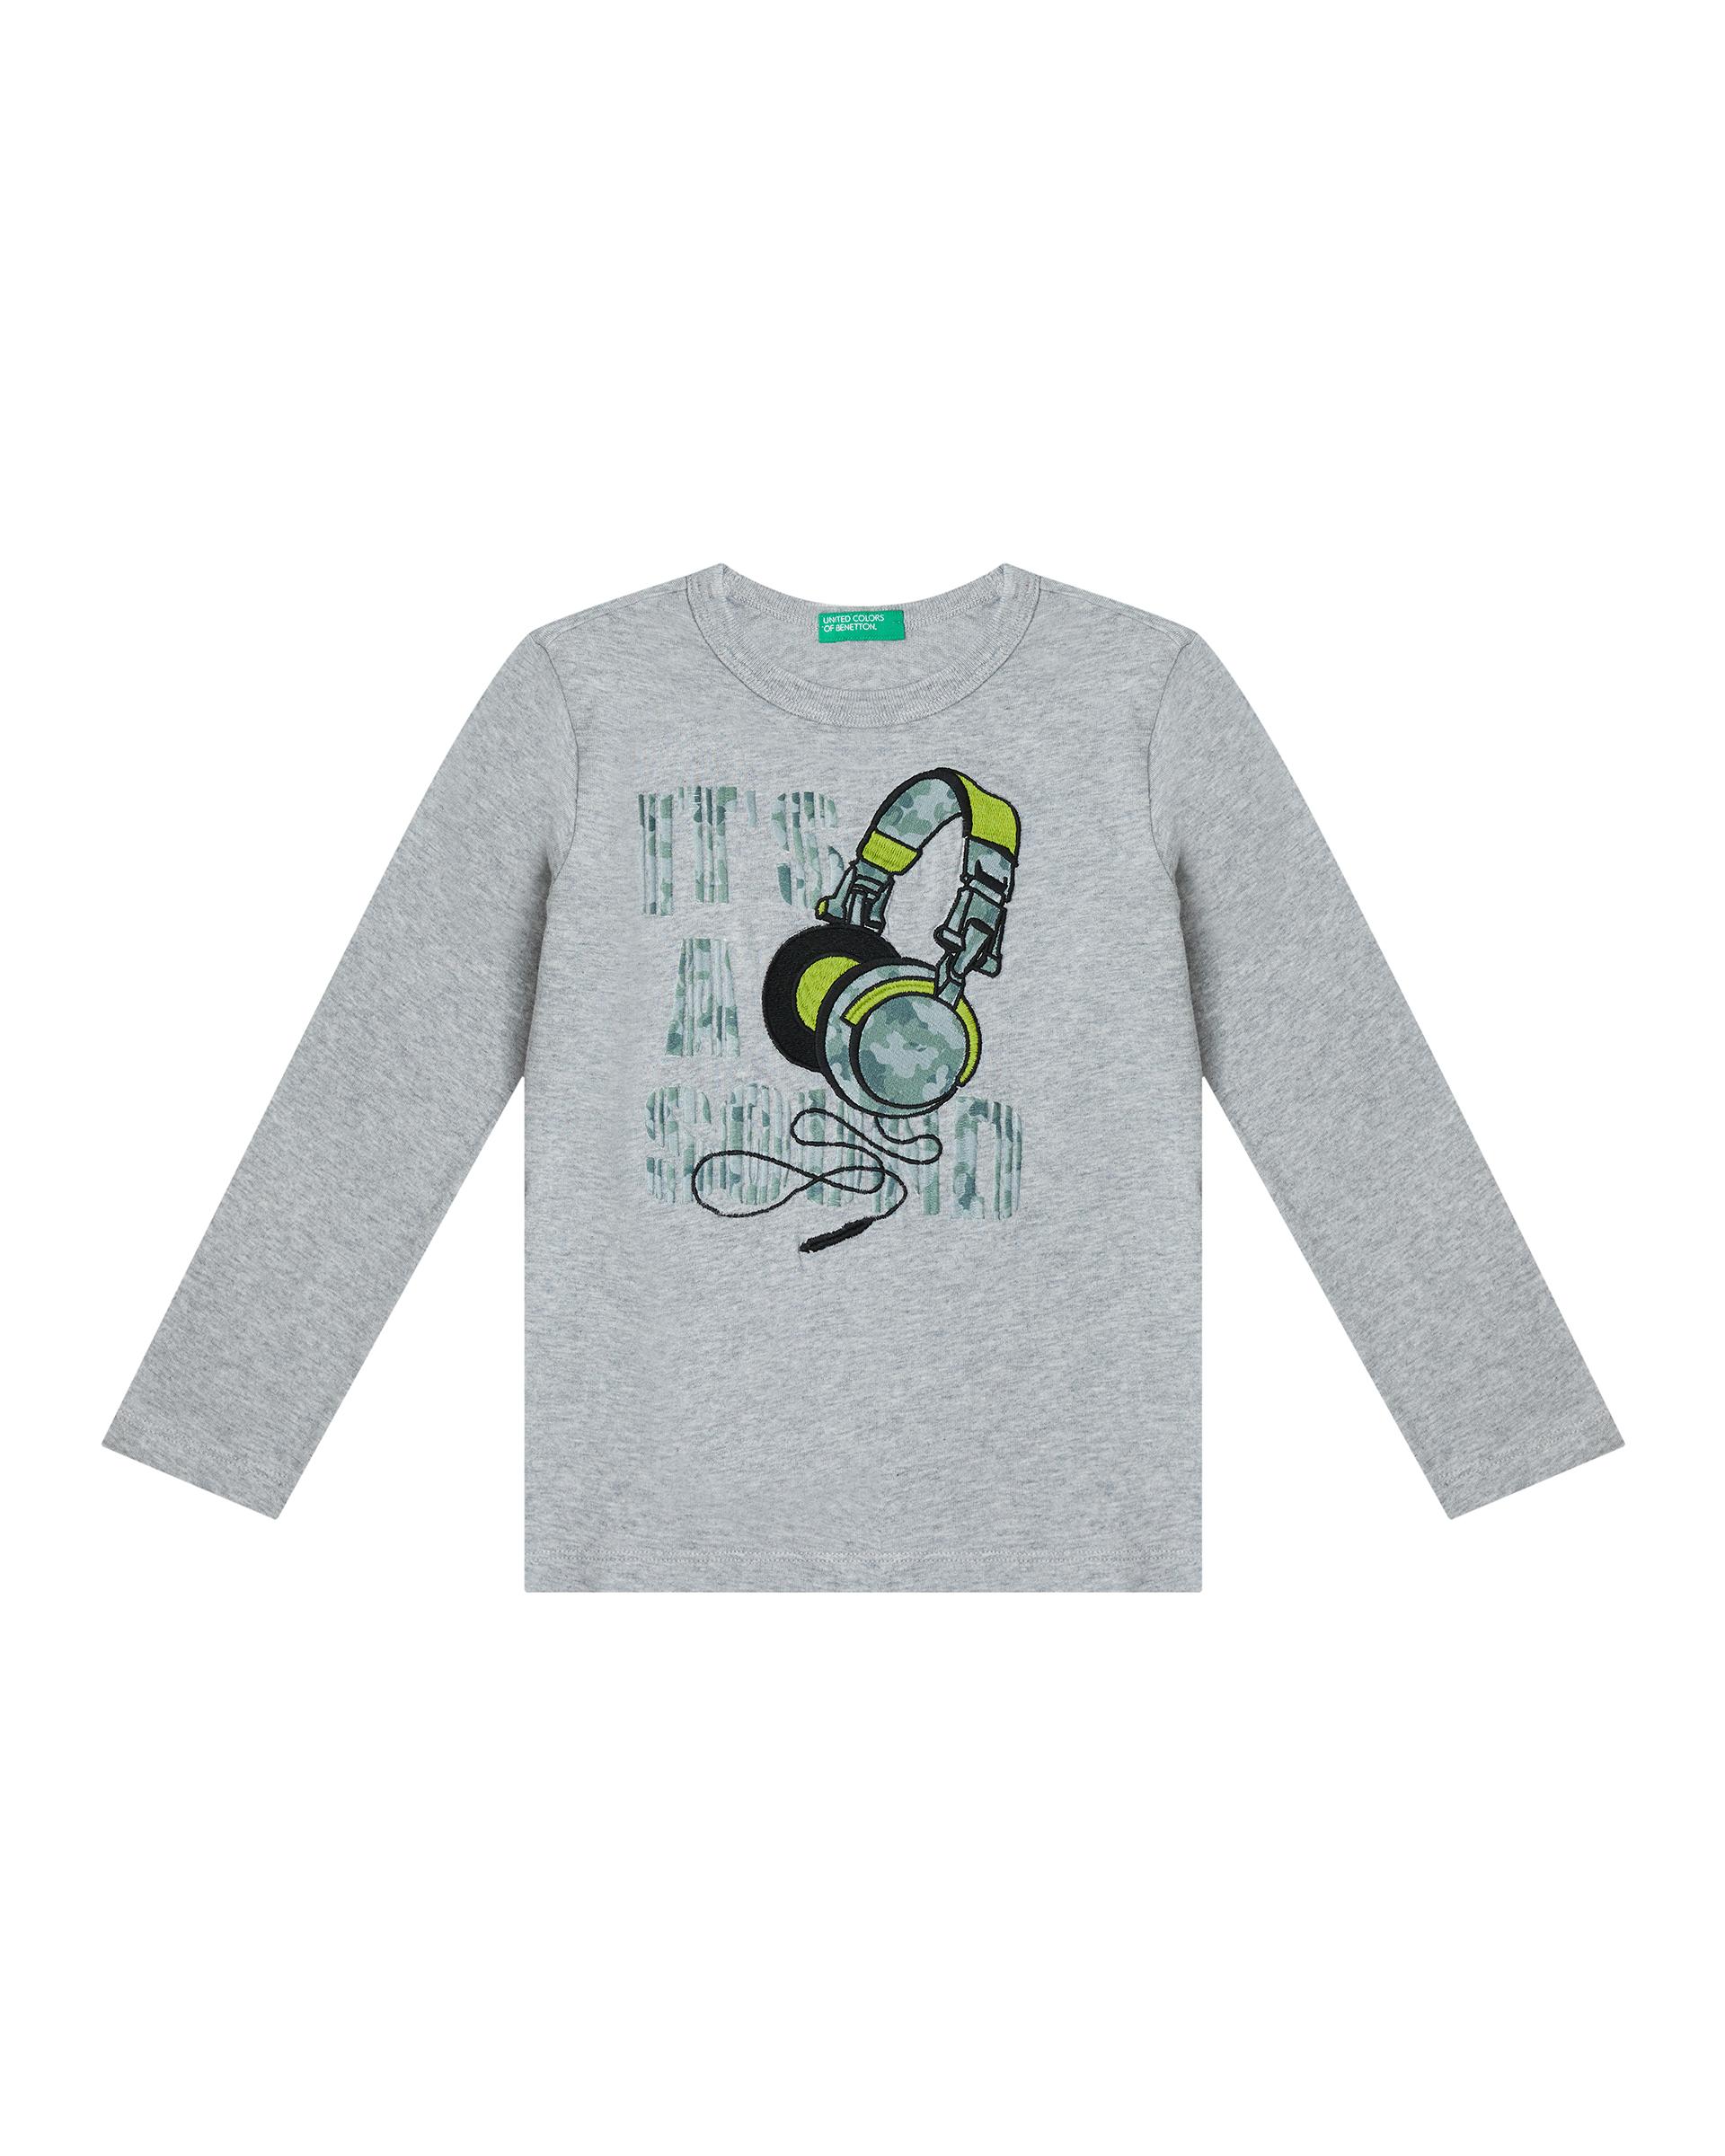 Купить 20P_3YR3C1AWP_501, Футболка для мальчиков Benetton 3YR3C1AWP_501 р-р 92, United Colors of Benetton, Кофточки, футболки для новорожденных